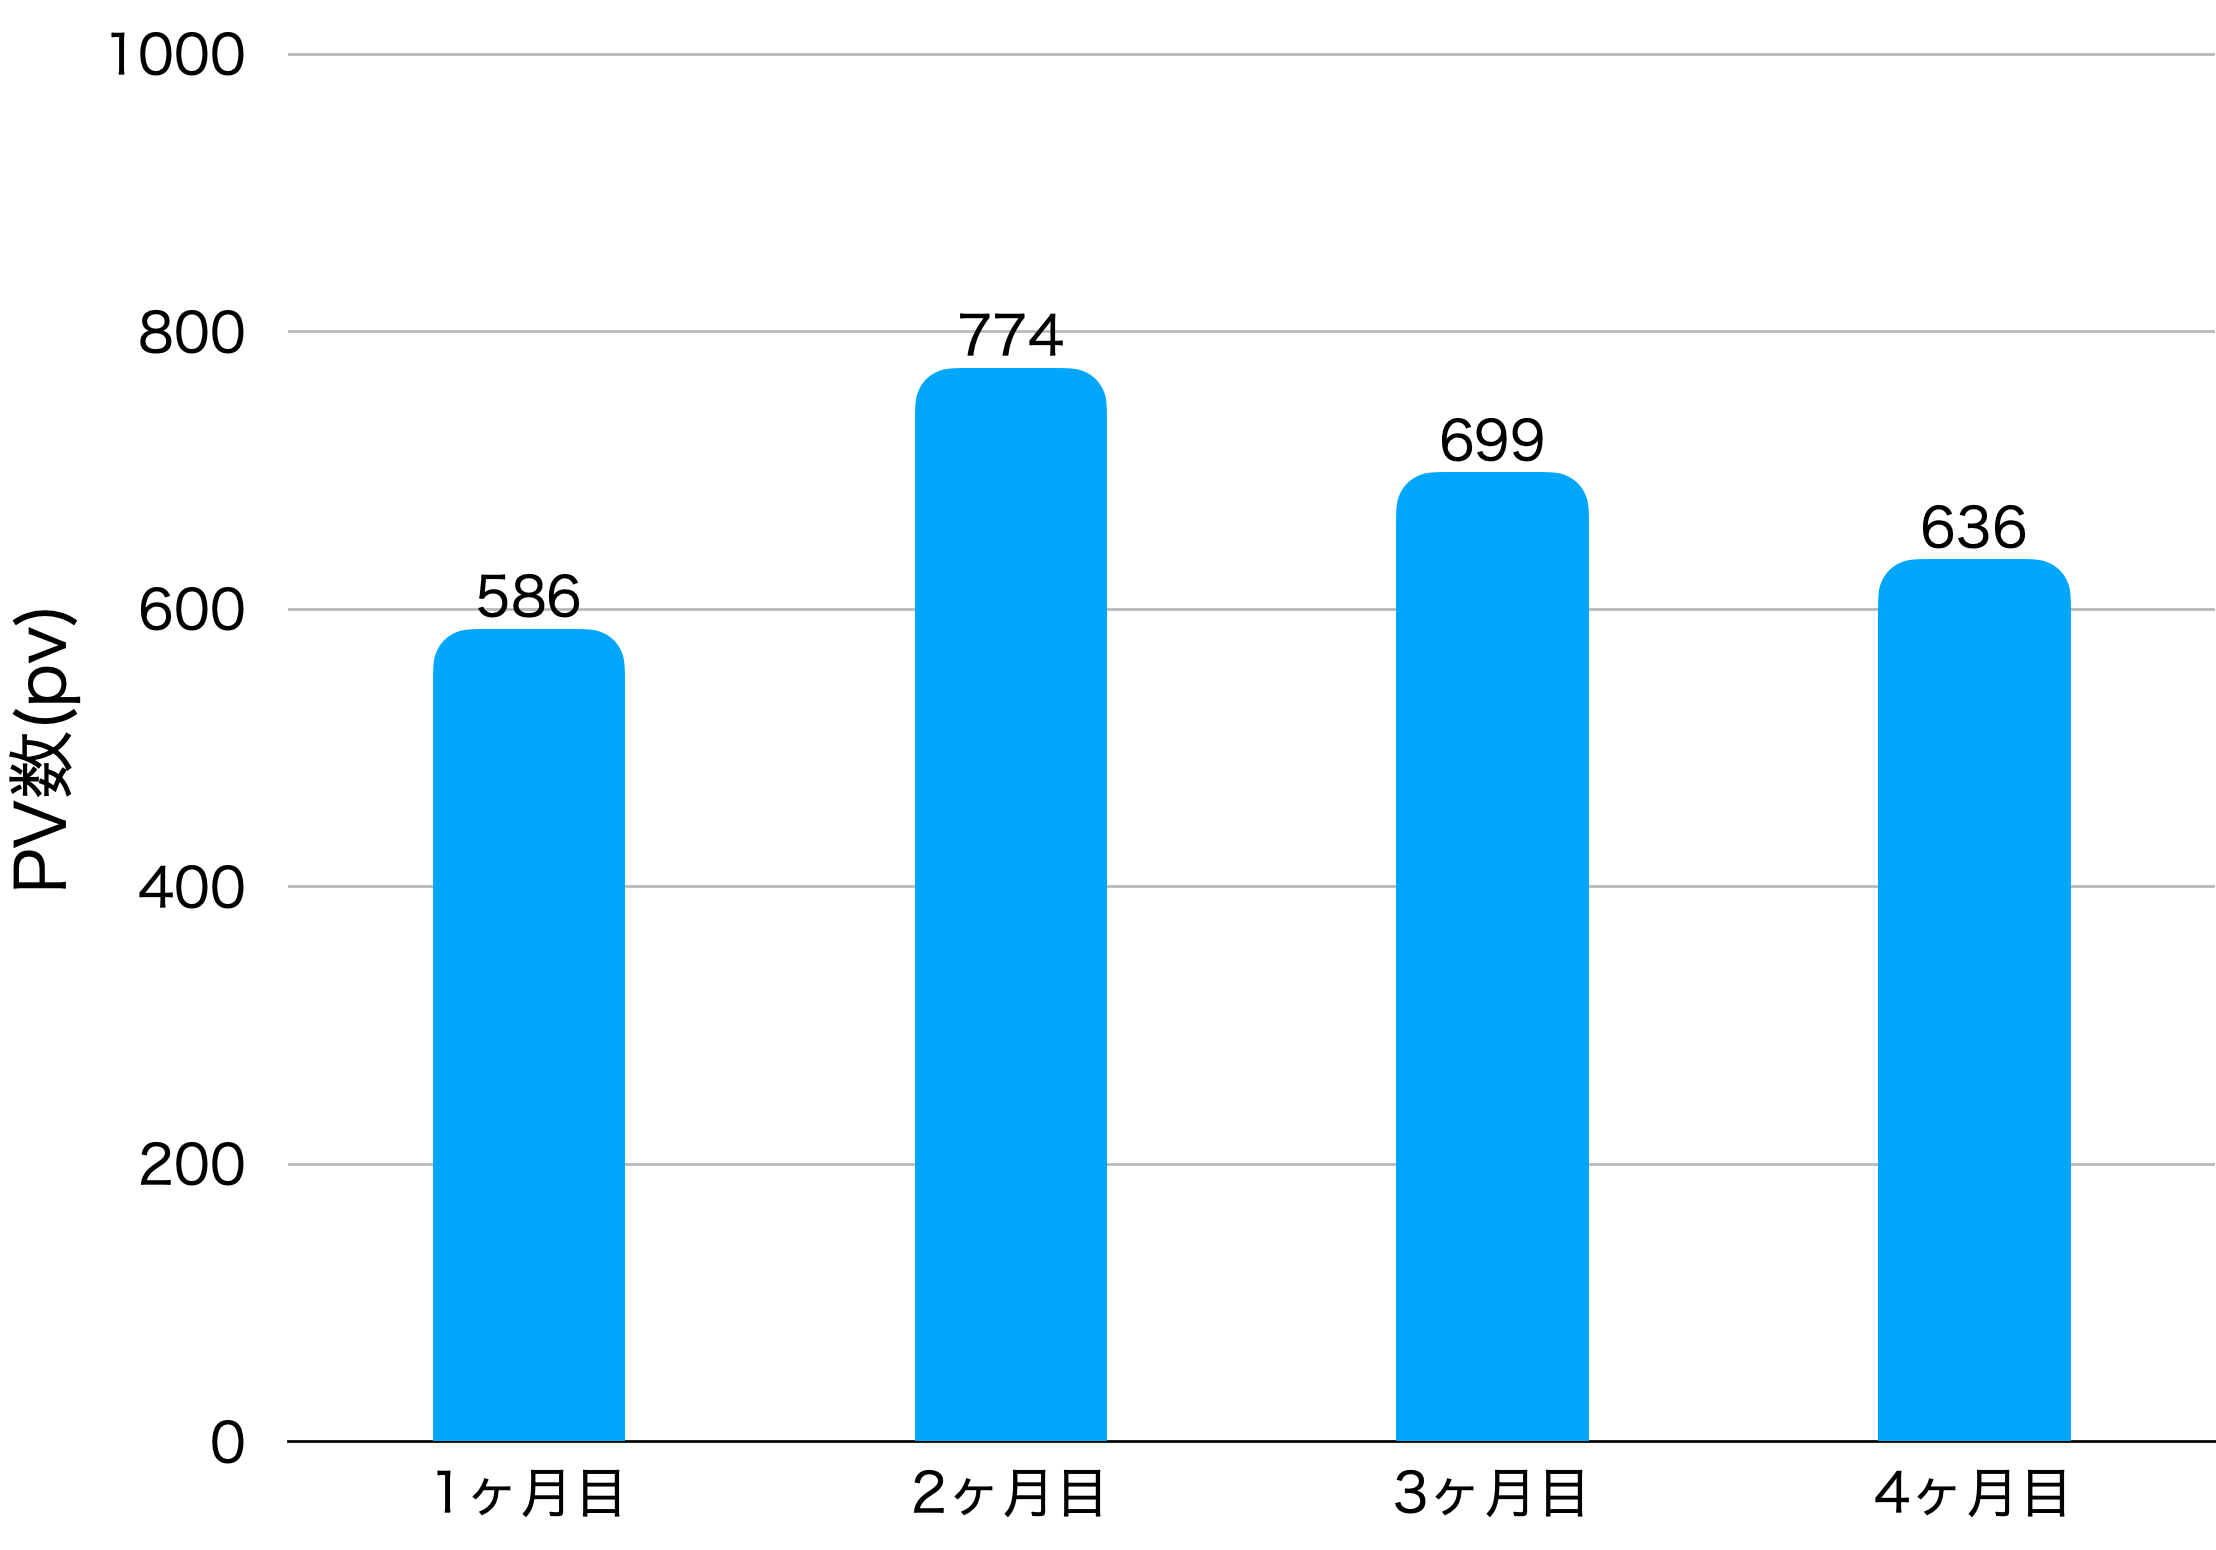 4ヶ月目のPV数の画像